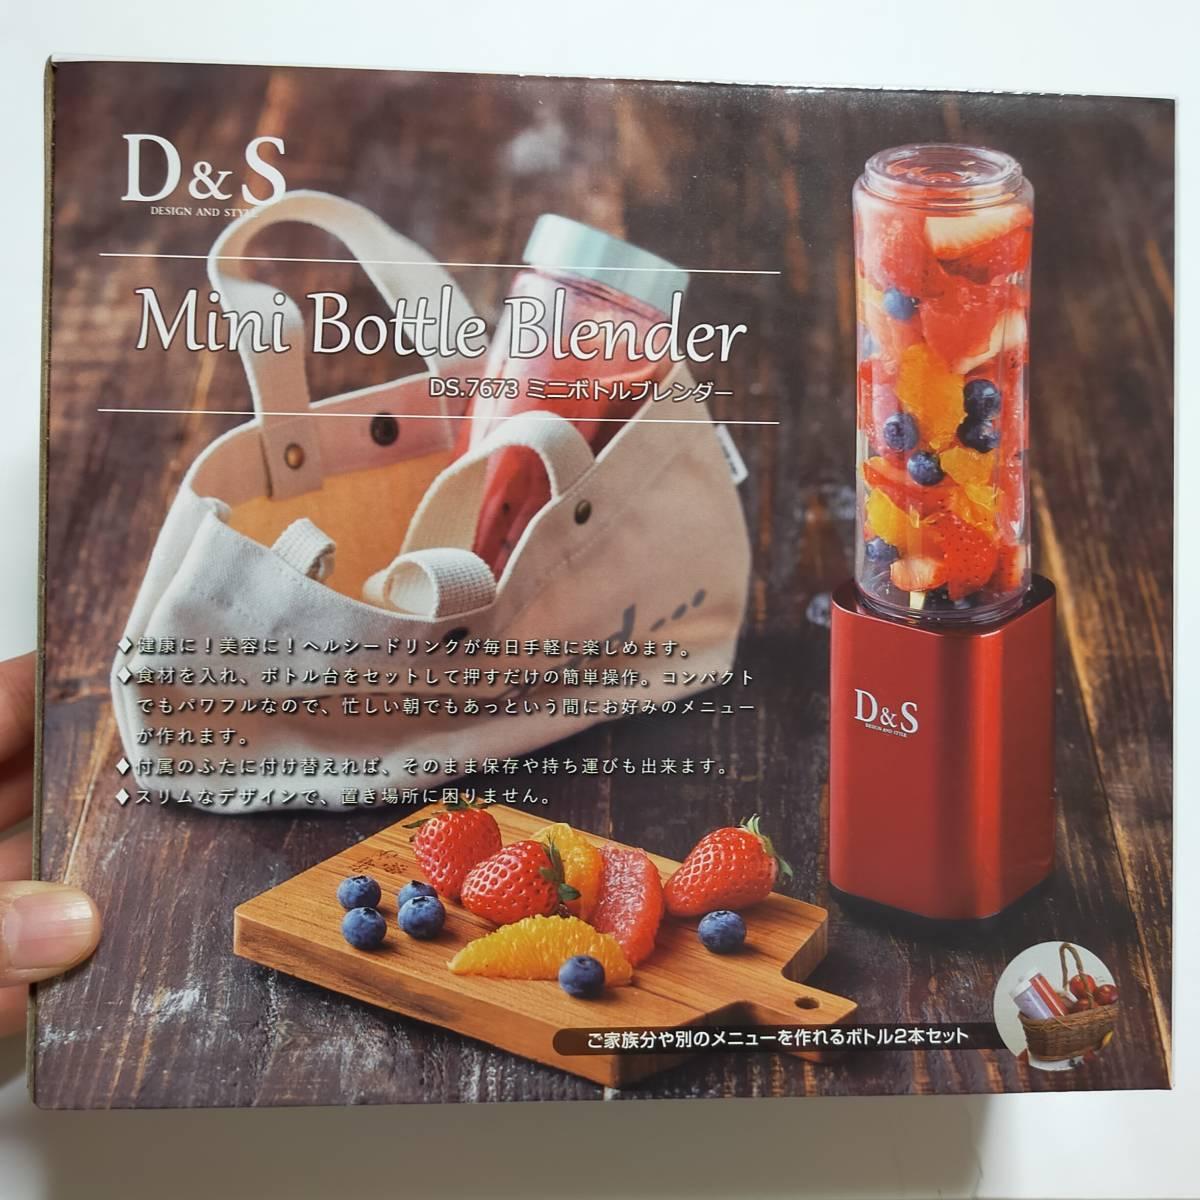 ミニボトルブレンダー D&S ミニボトルブレンダー レッド 7673 ミキサー ブレンダー